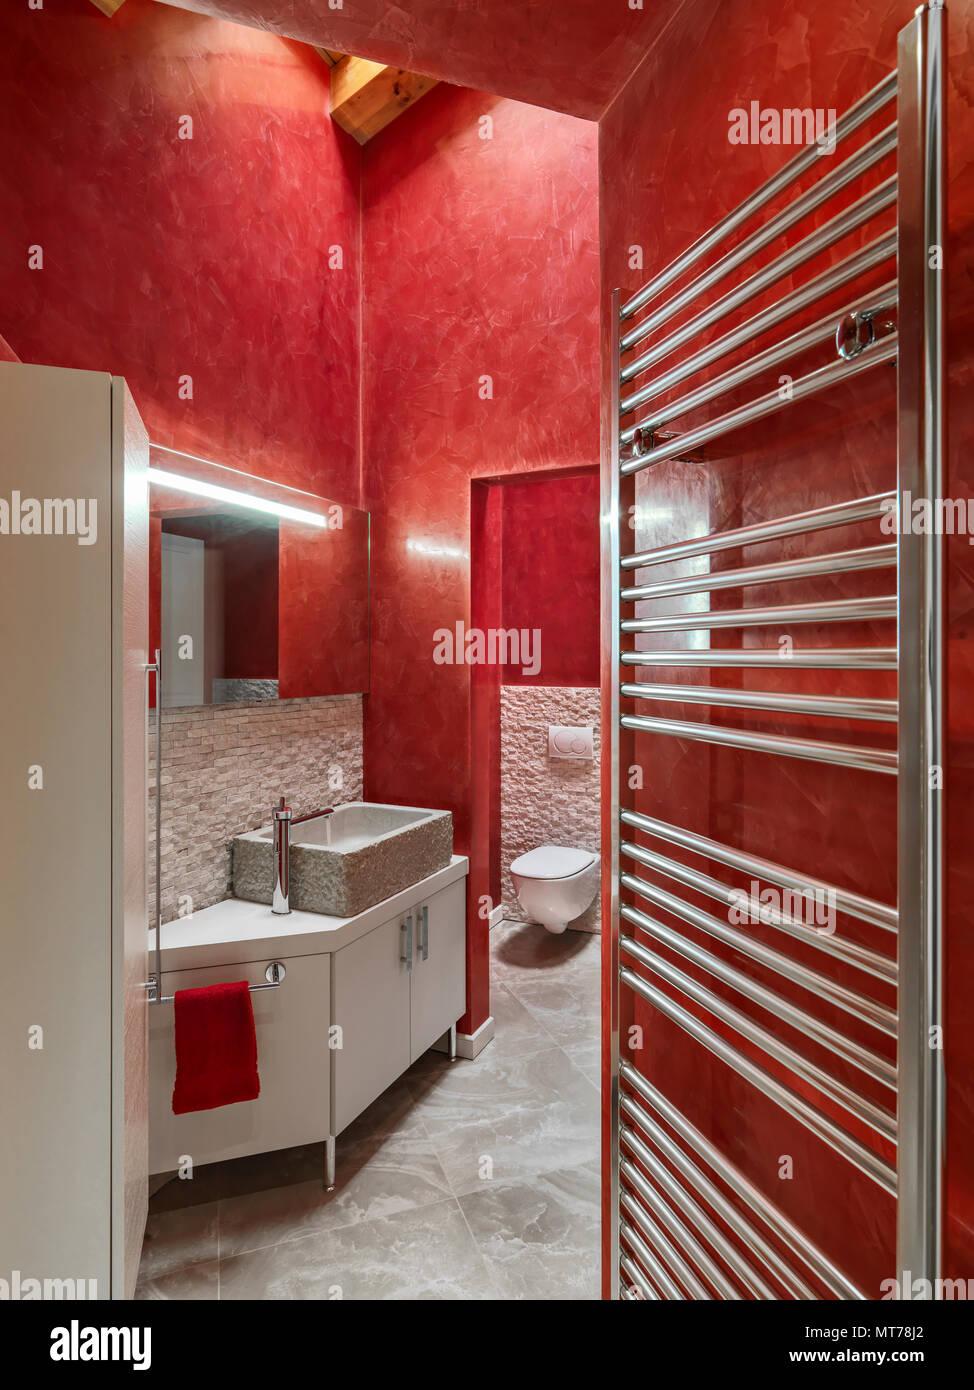 74db2eed54d4 Baño moderno interior con paredes rojas, en el primer plano el gabinete de  madera con